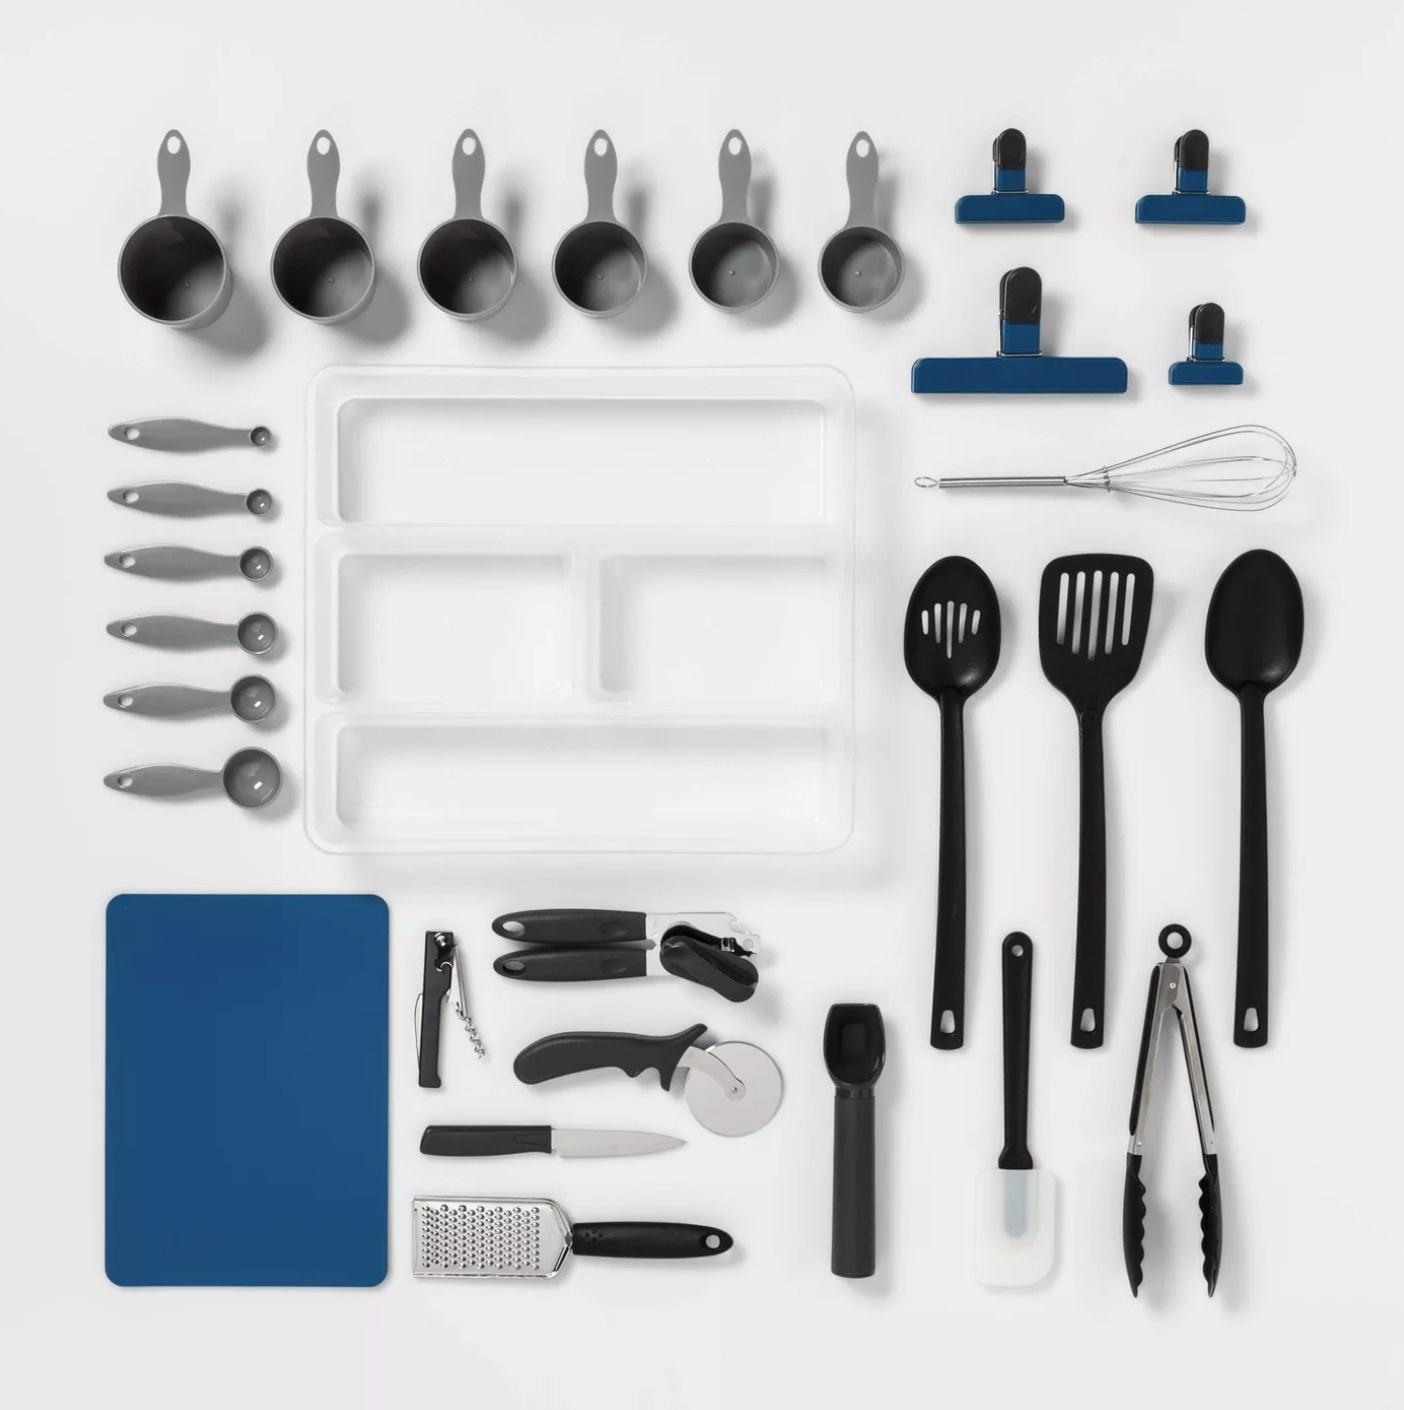 The utensil set